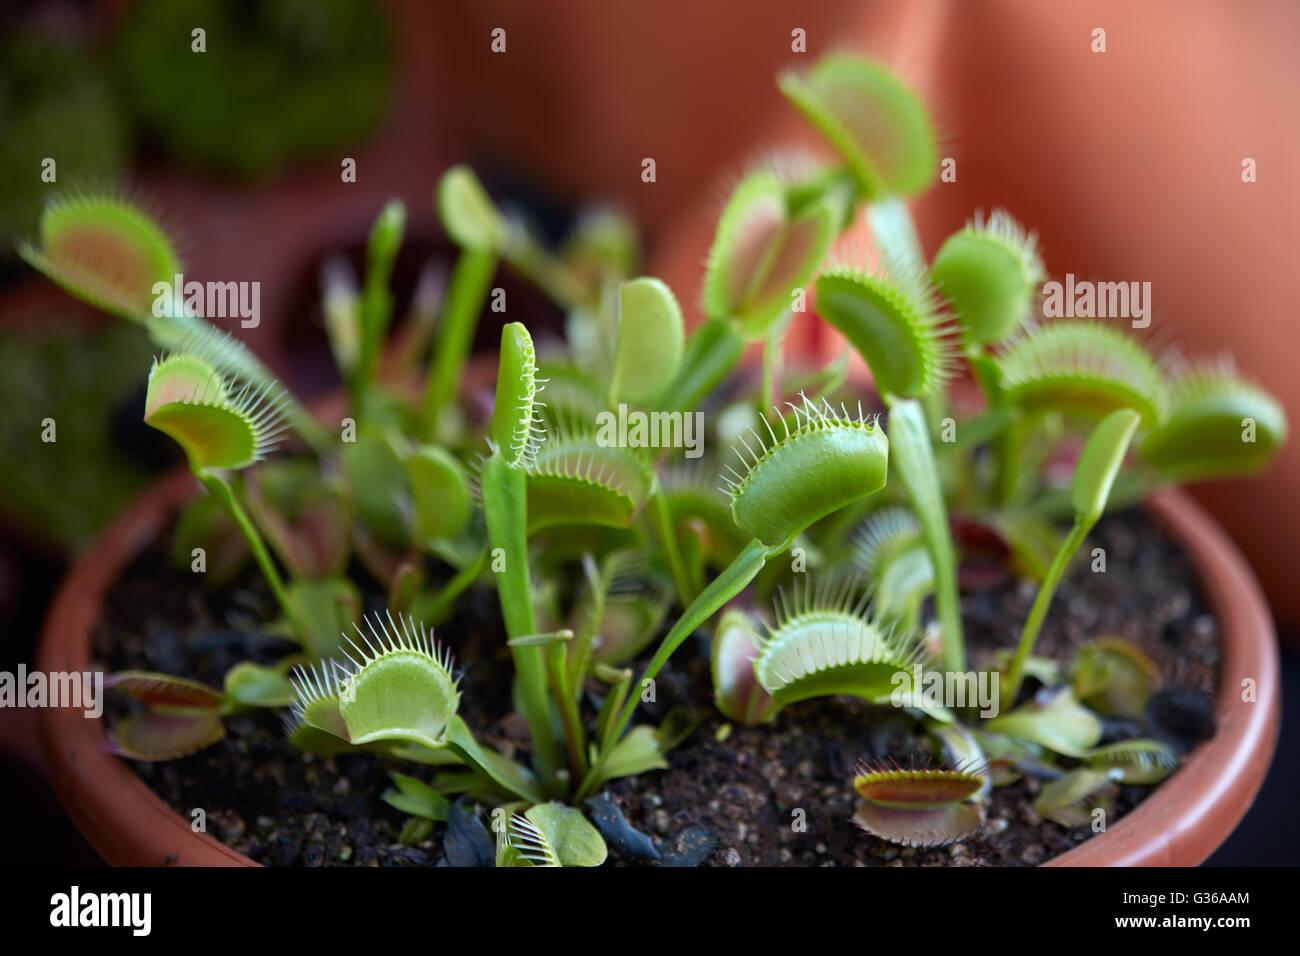 Venus flytrap, pianta carnivora dionaea in pot Immagini Stock